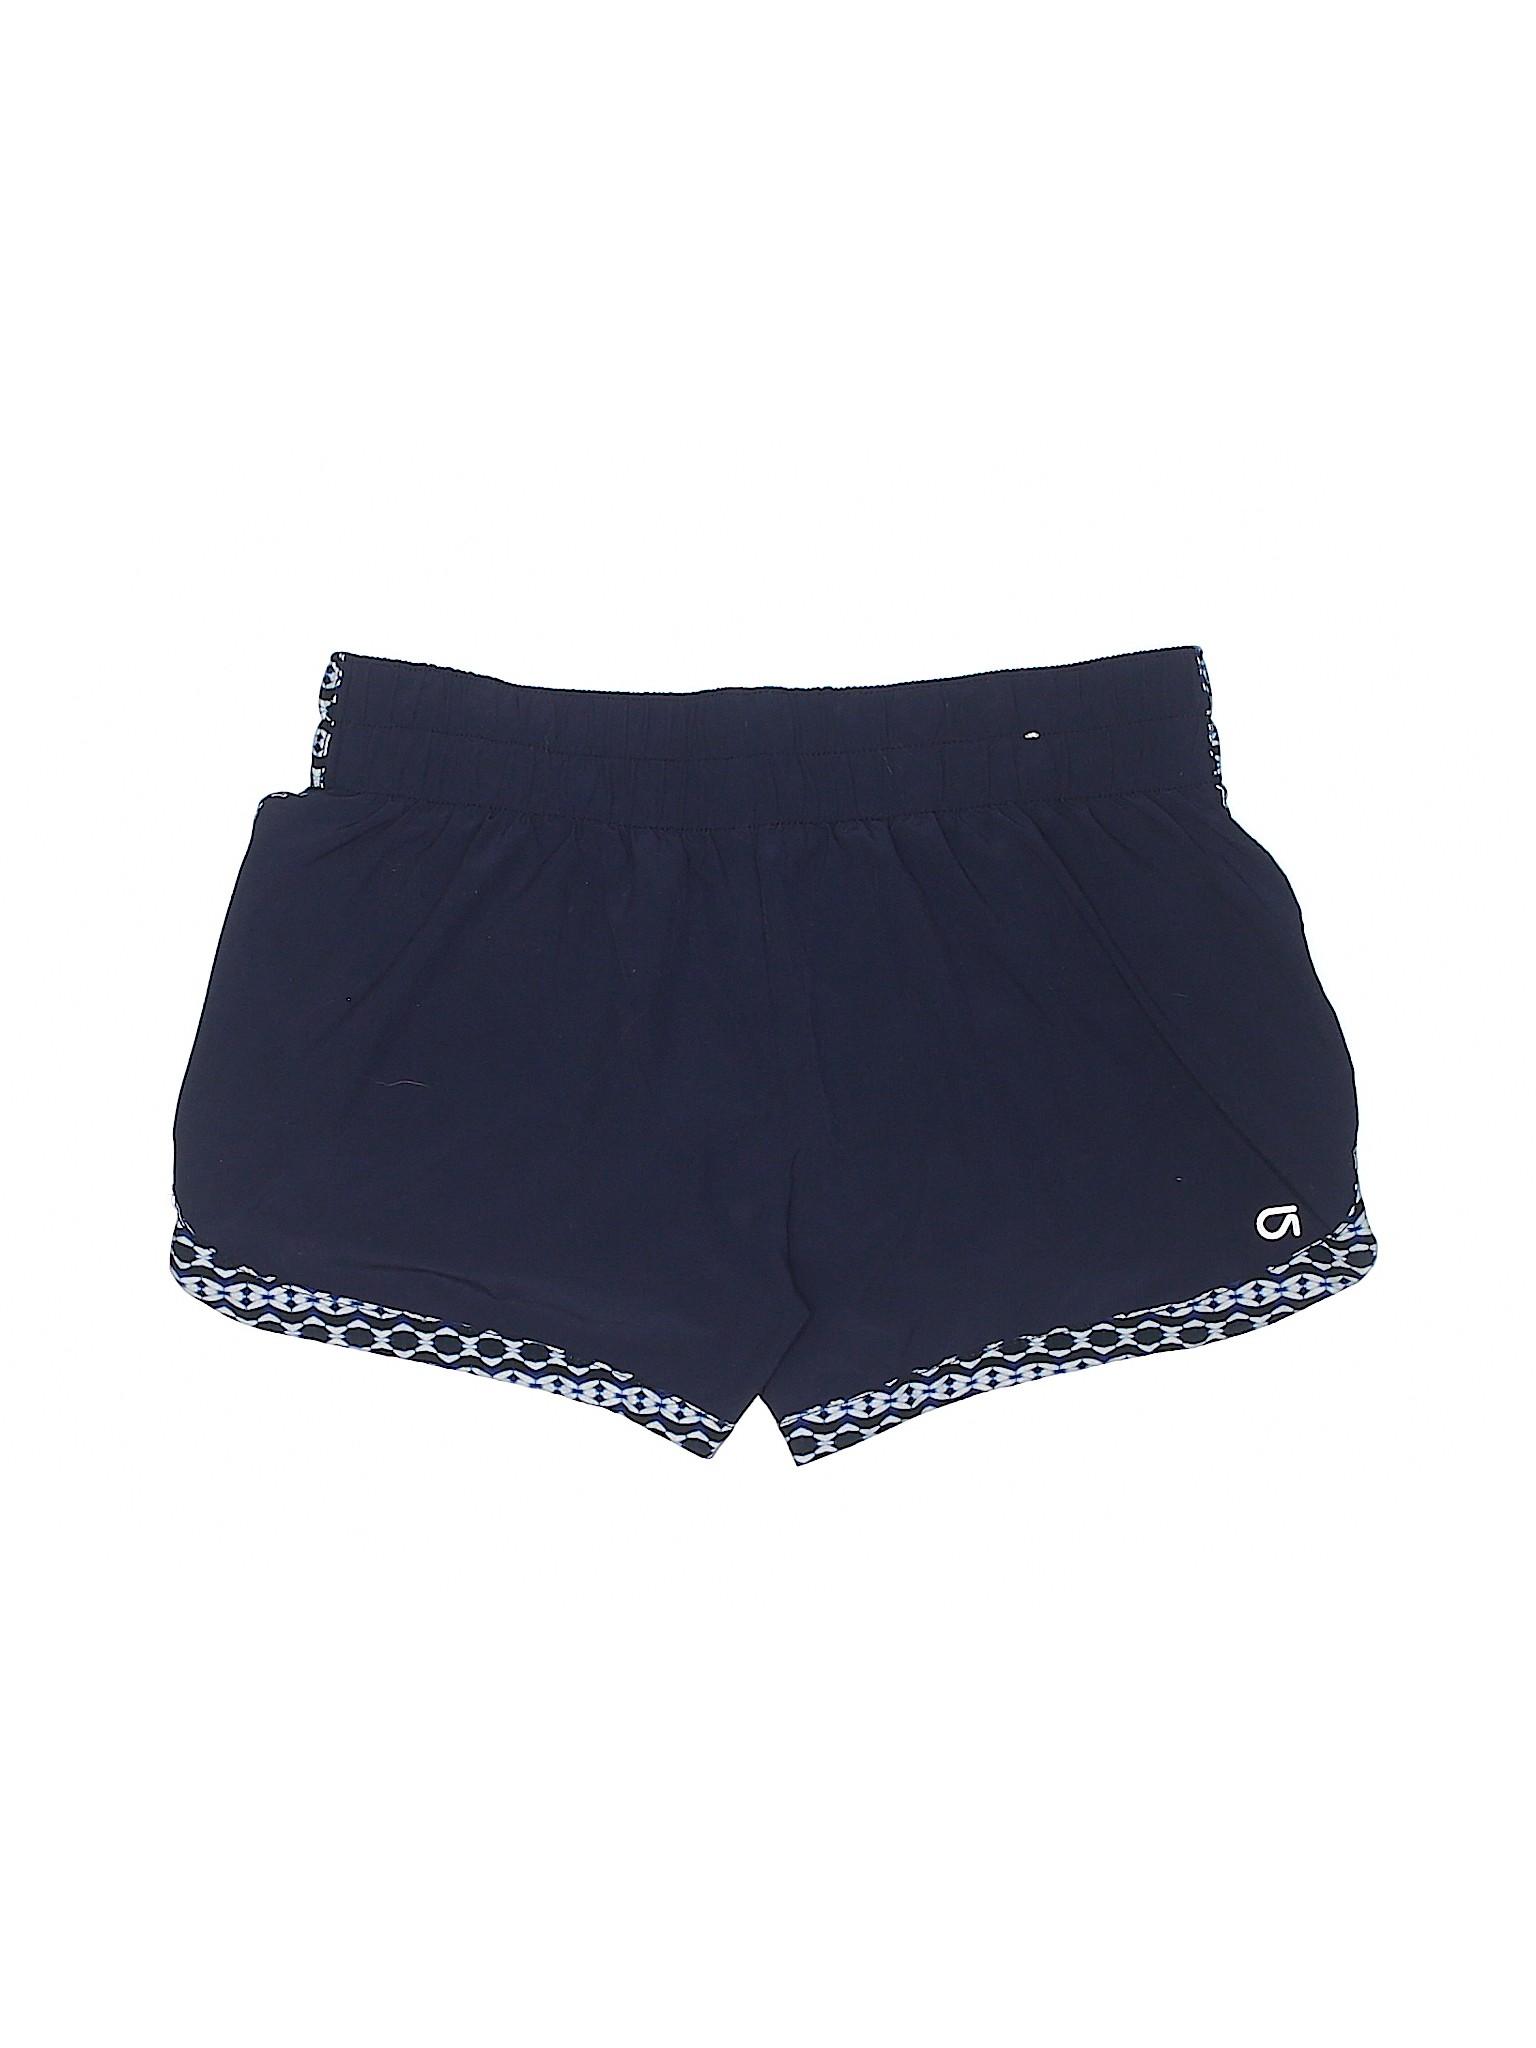 Shorts Boutique Fit Gap Gap Athletic Boutique THwS0qP